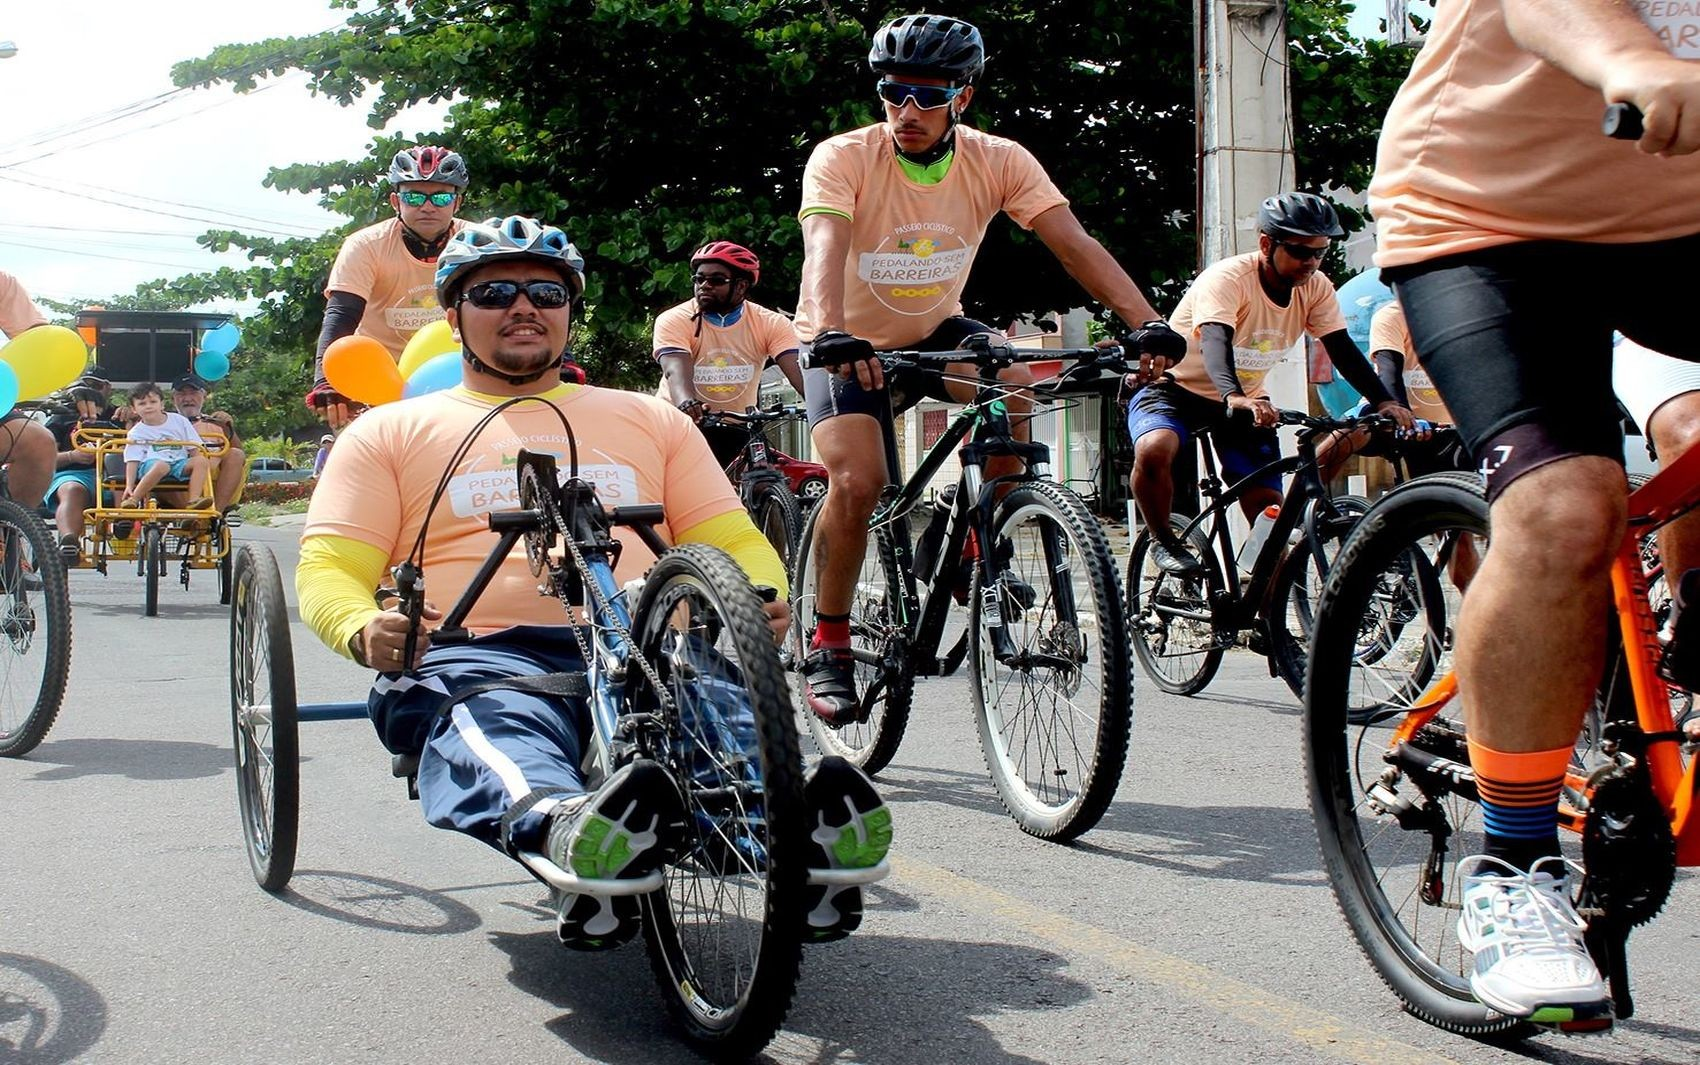 Passeio 'Pedalando Sem Barreiras' abre 7ª Semana Aracaju Acessível - Notícias - Plantão Diário